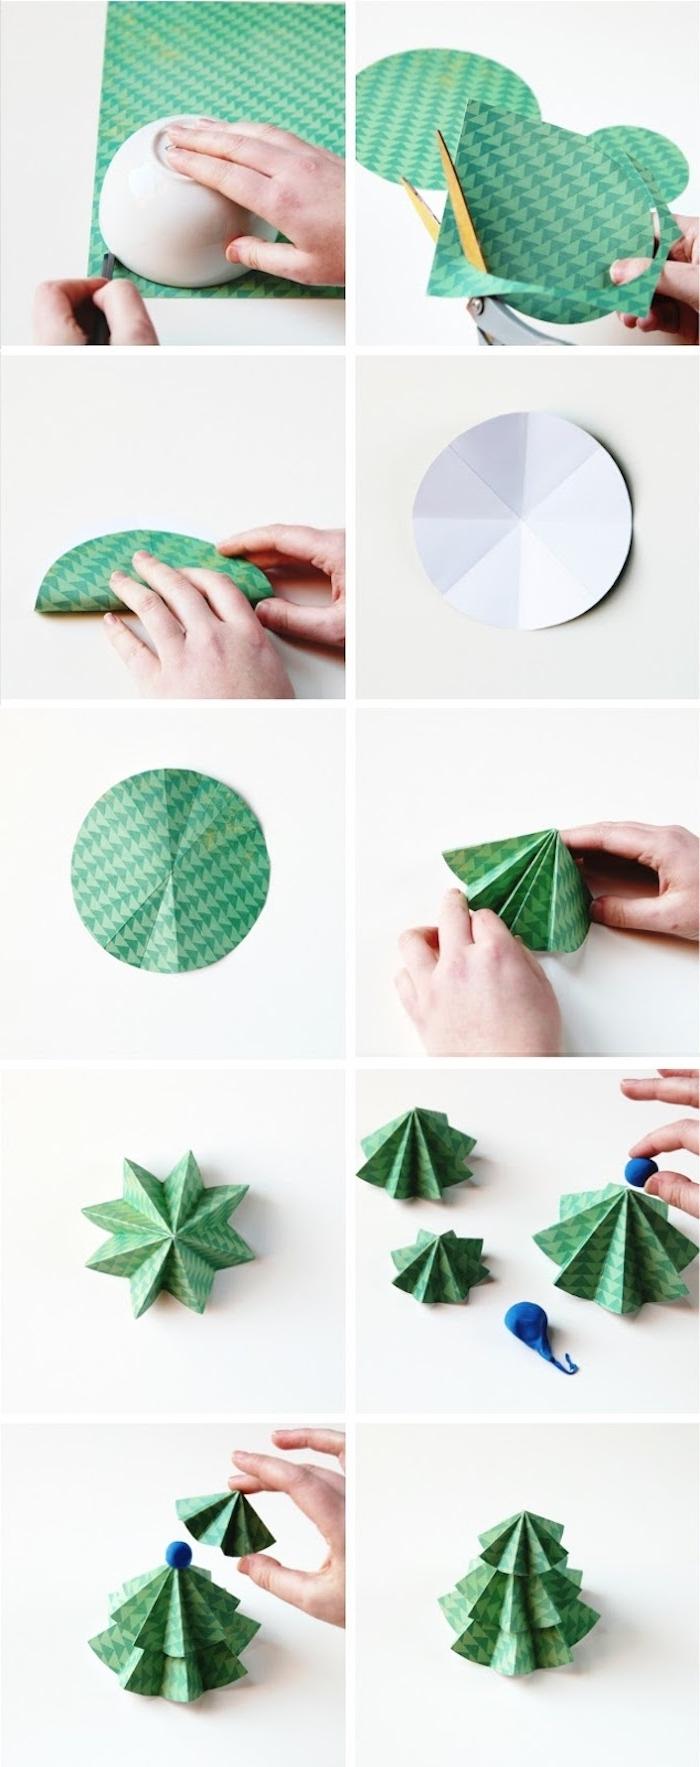 Kleinen Weihnachtsbaum aus Papier selber machen, DIY Anleitung in zehn Schritten, Basteln mit Kindern